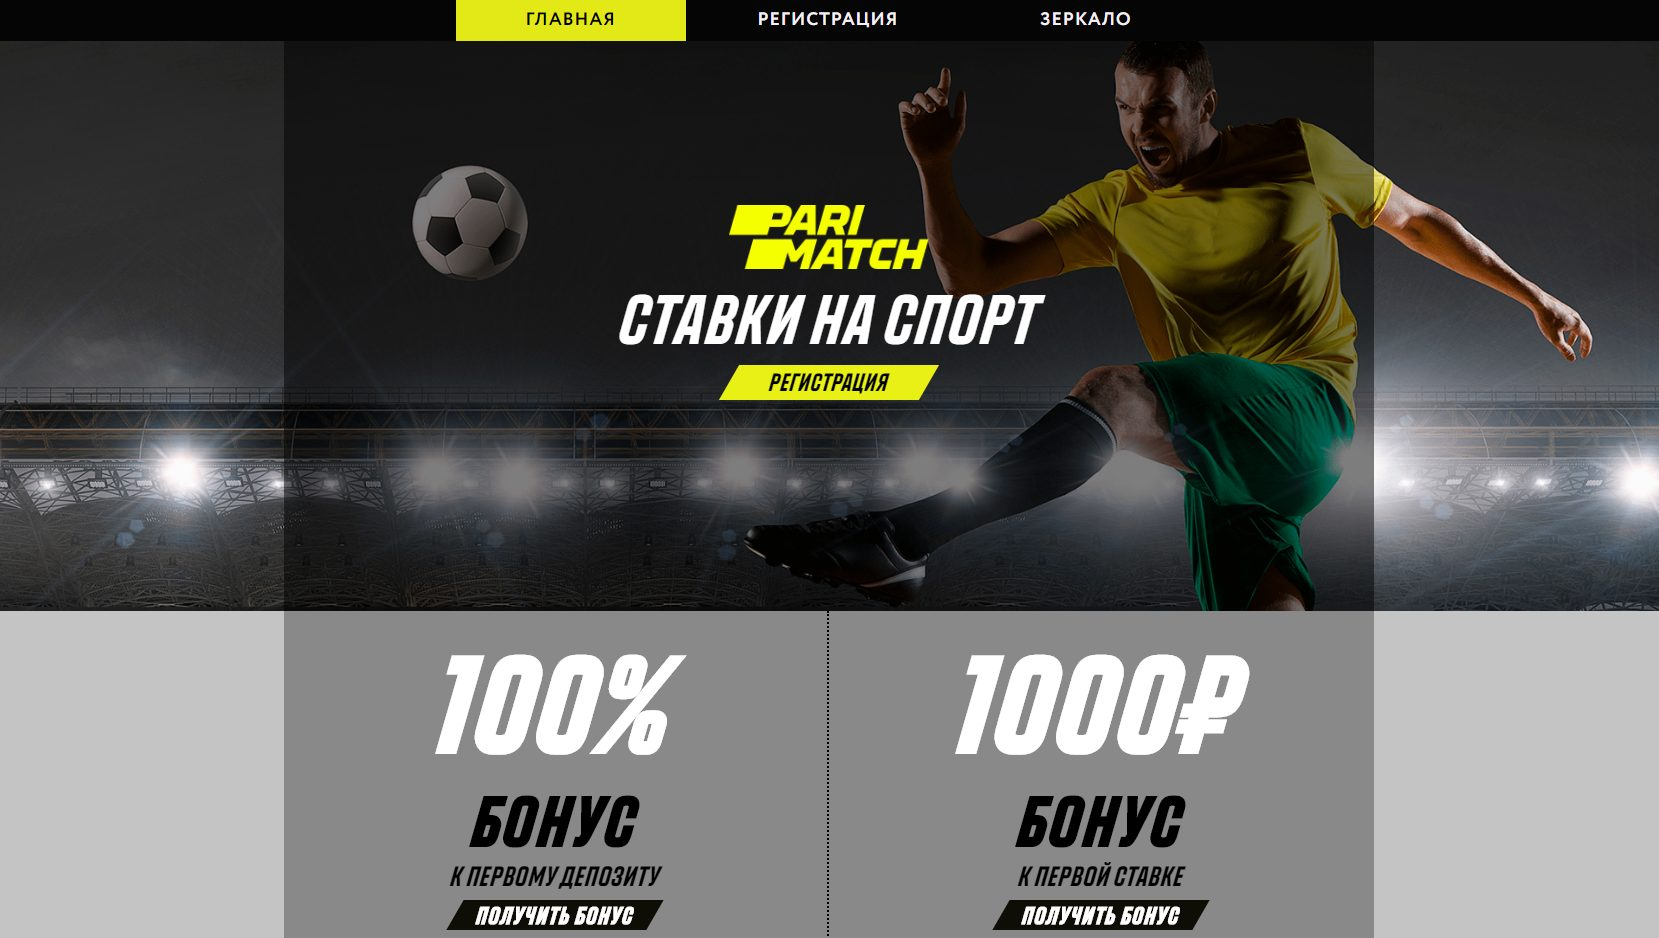 За пример возьмем один из лидеров этого бизнеса в России – сервис Париматч и сайт, повествующий о нем - online-parimatch.com